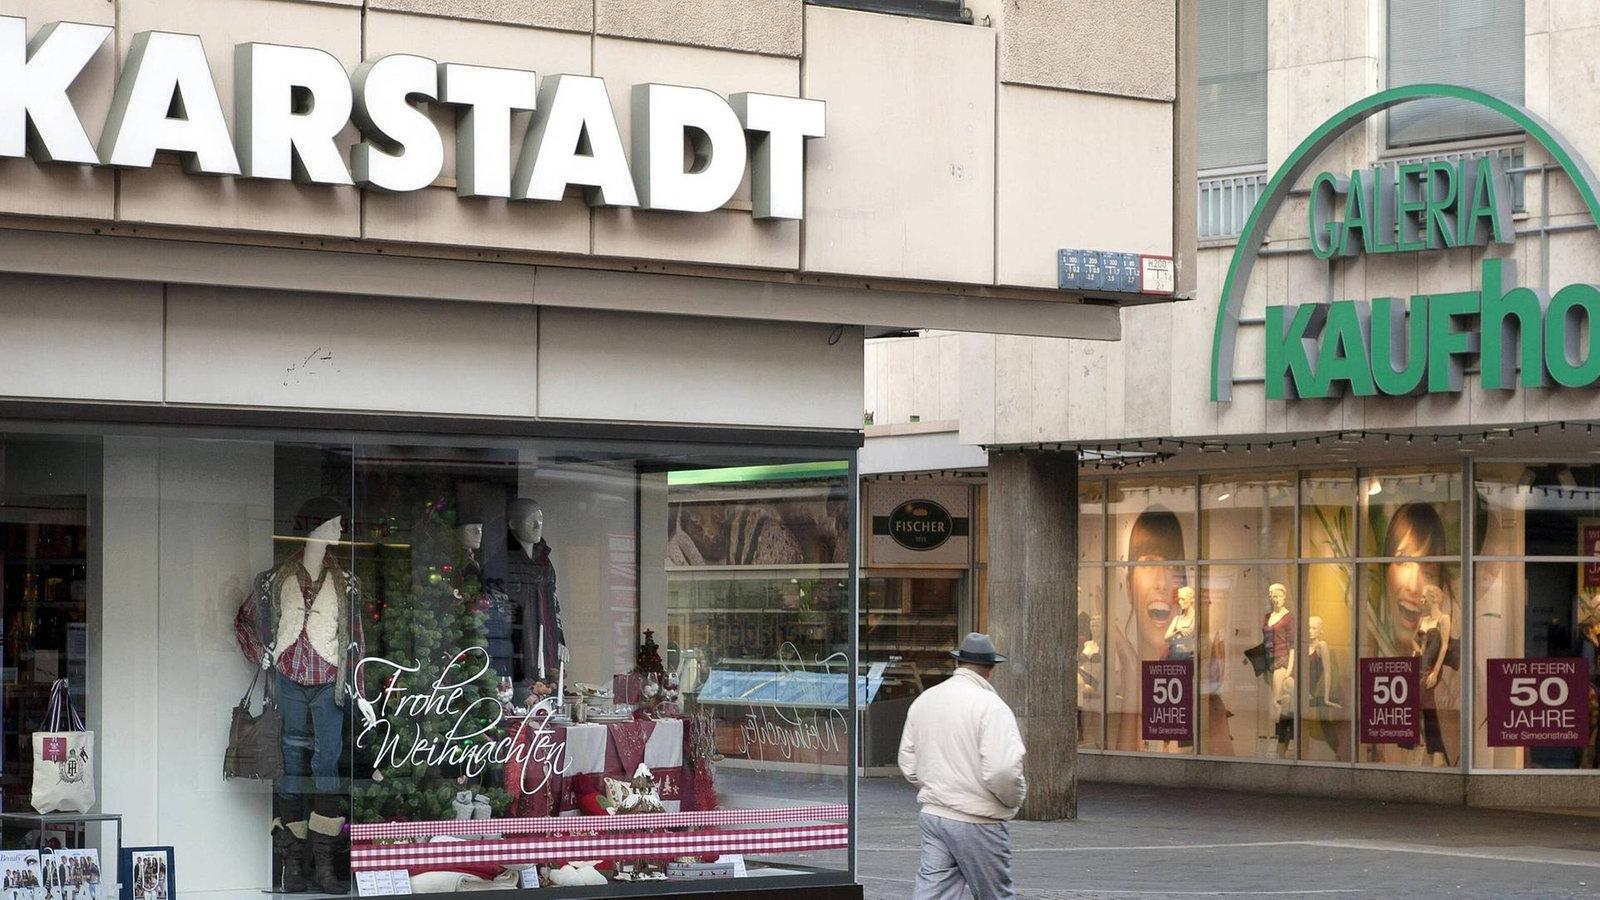 4dad1e6e63 Signa-Gruppe des österreichischen Geschäftsmanns René Benko übernimmt  Galeria Karstadt Kaufhof komplett - Wirtschaft - Nachrichten - WDR